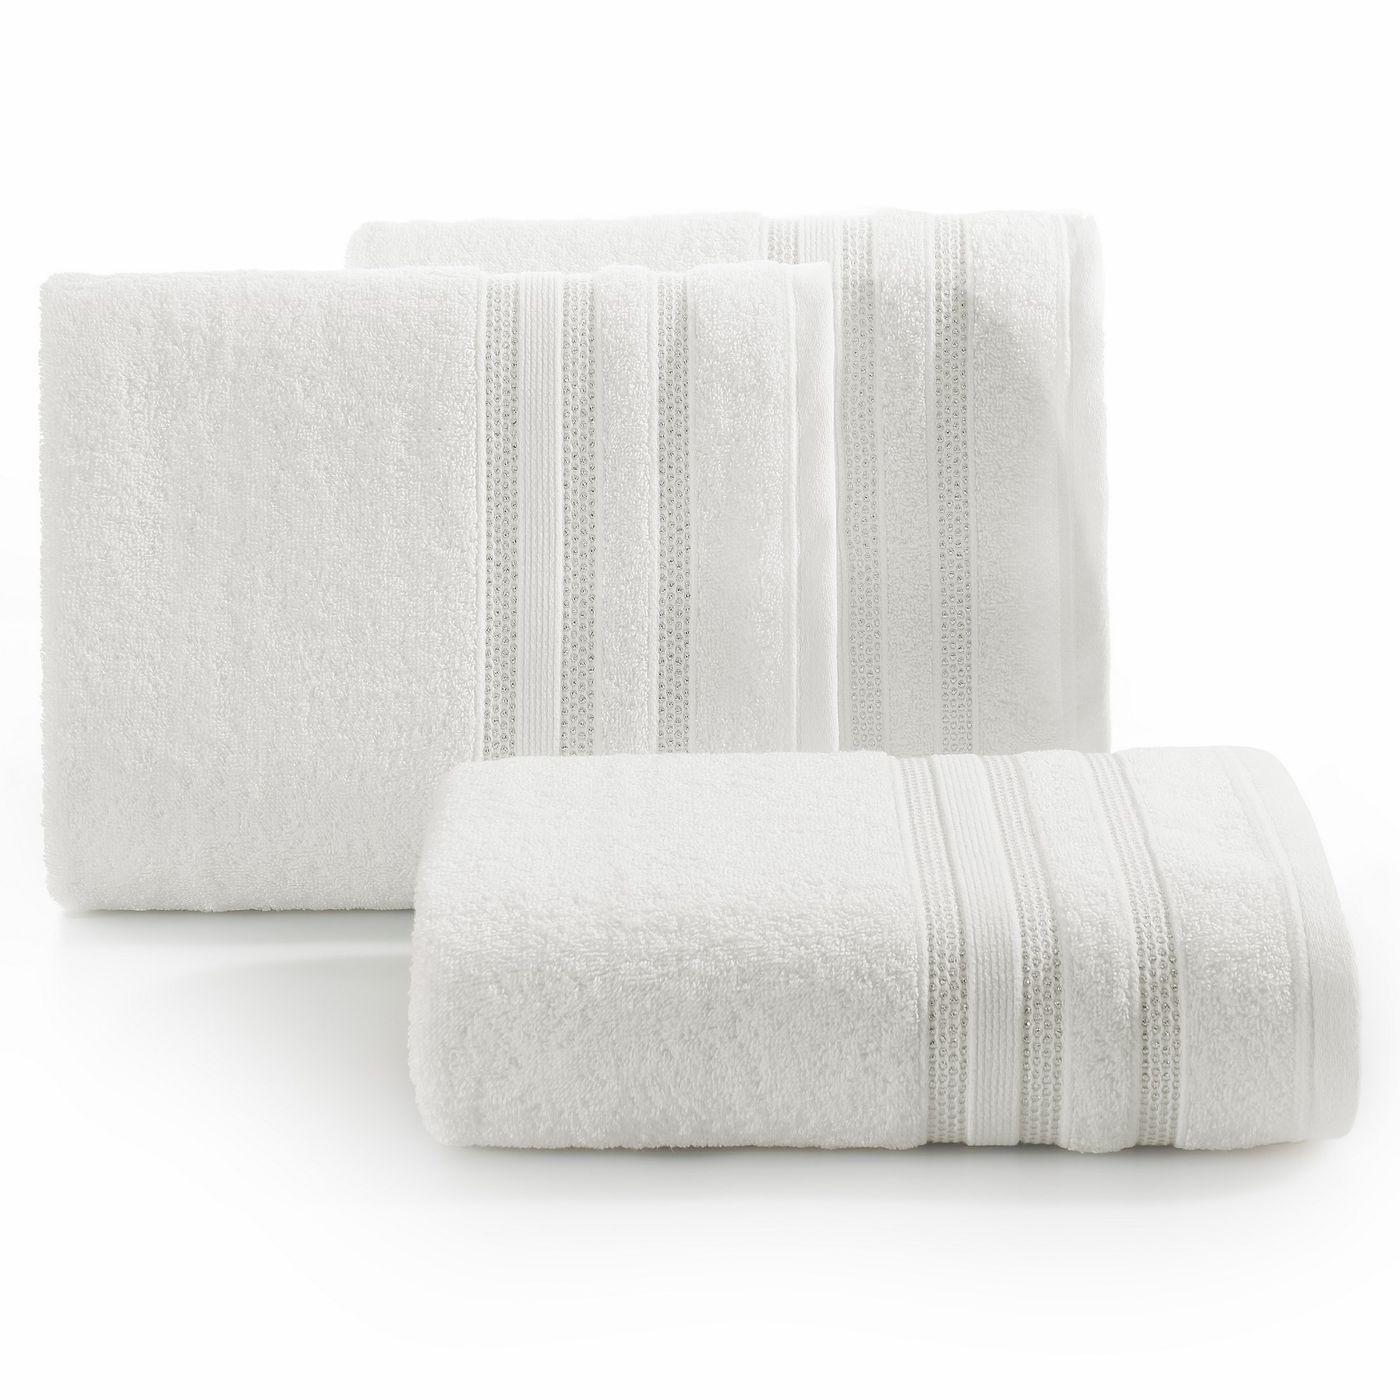 Ręcznik z bawełny zdobiony błyszczącą nitką 50x90cm kremowy